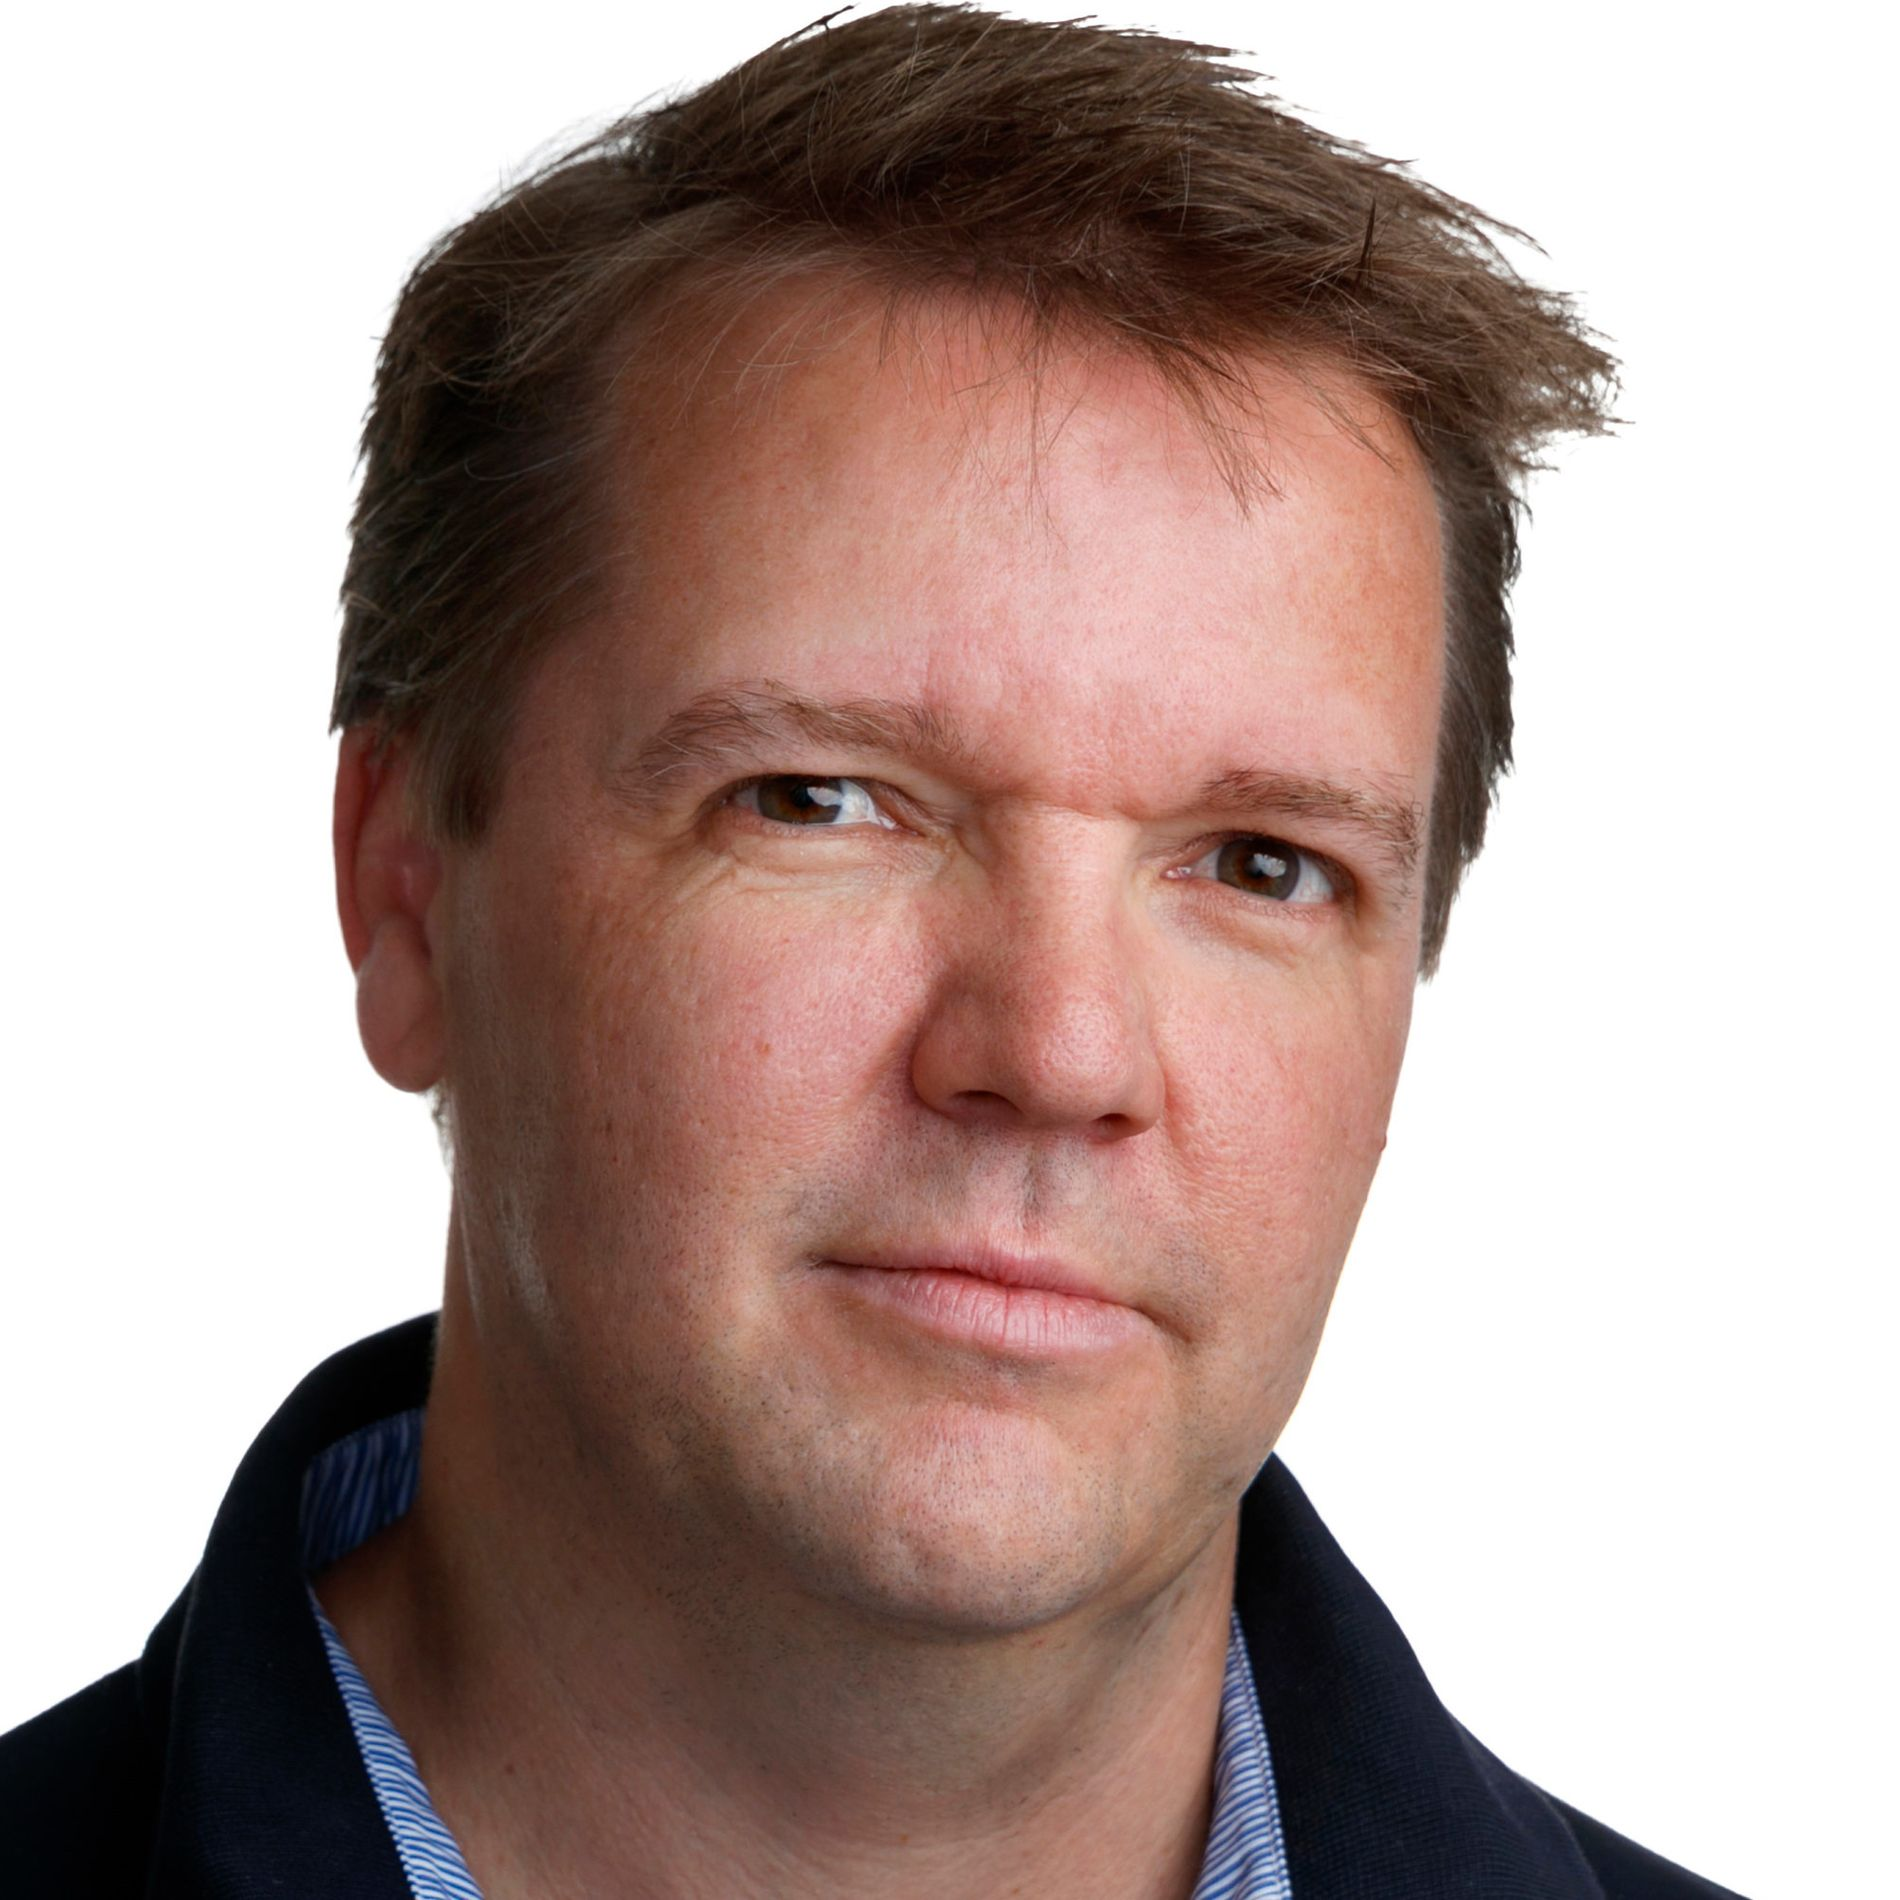 Johannes Finne